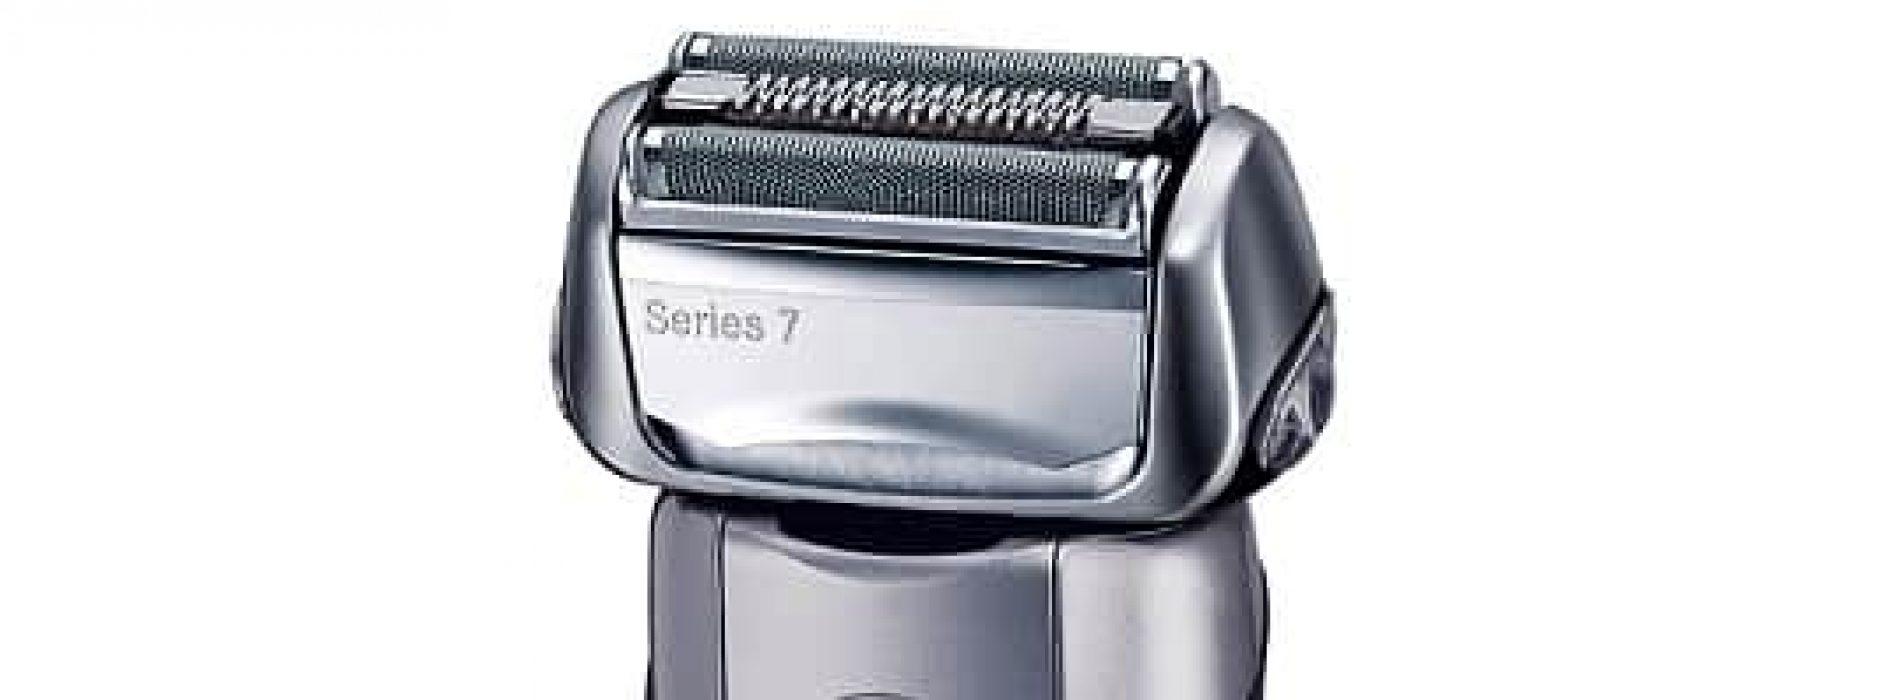 Barbermaskin – Test og kjøpeguide (2020)